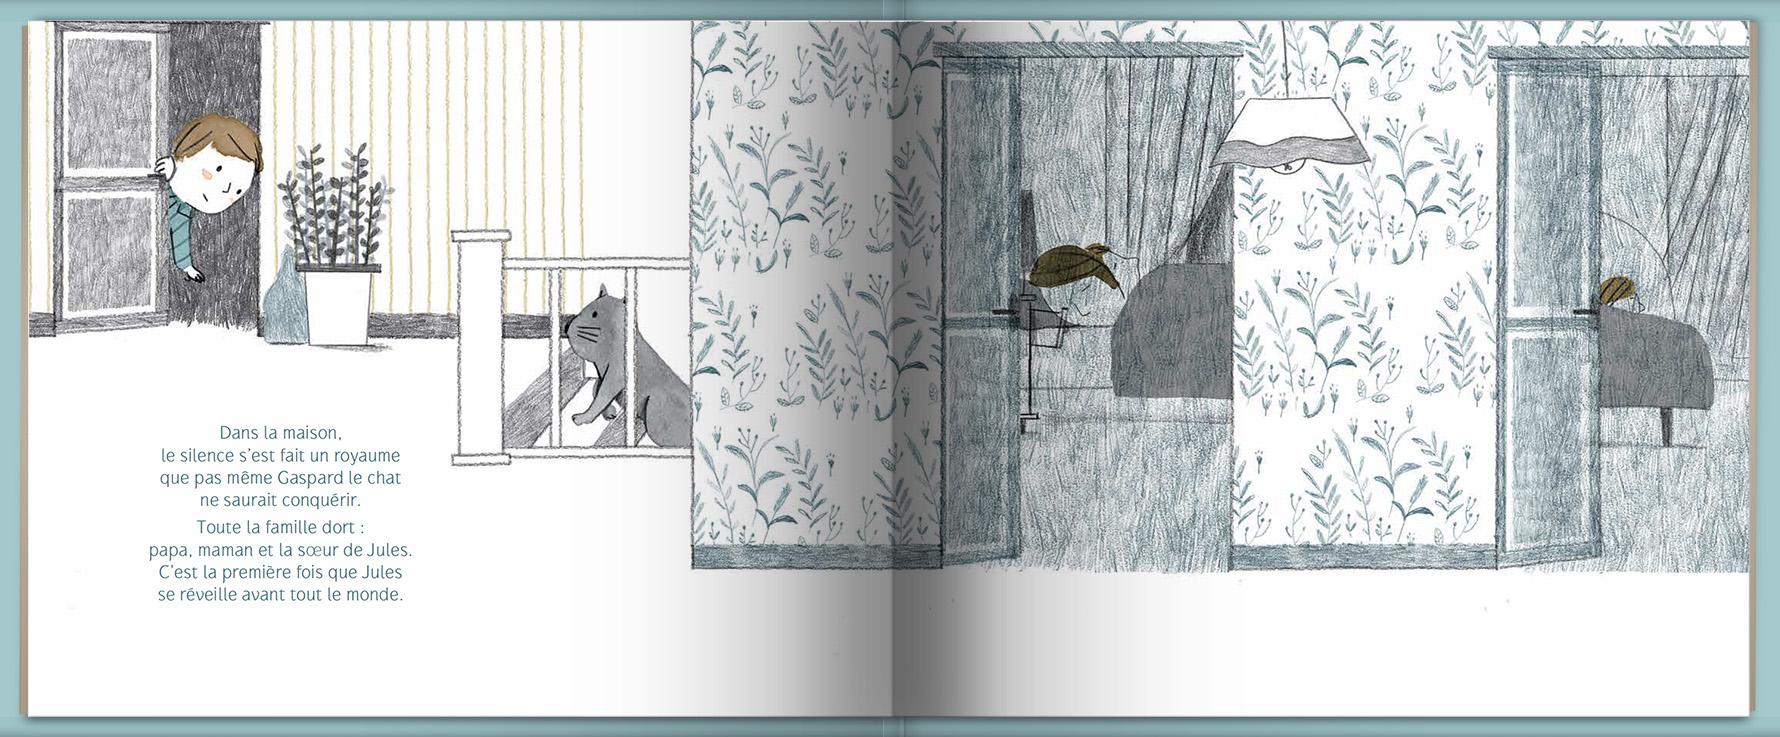 Nocturne-page intérieur